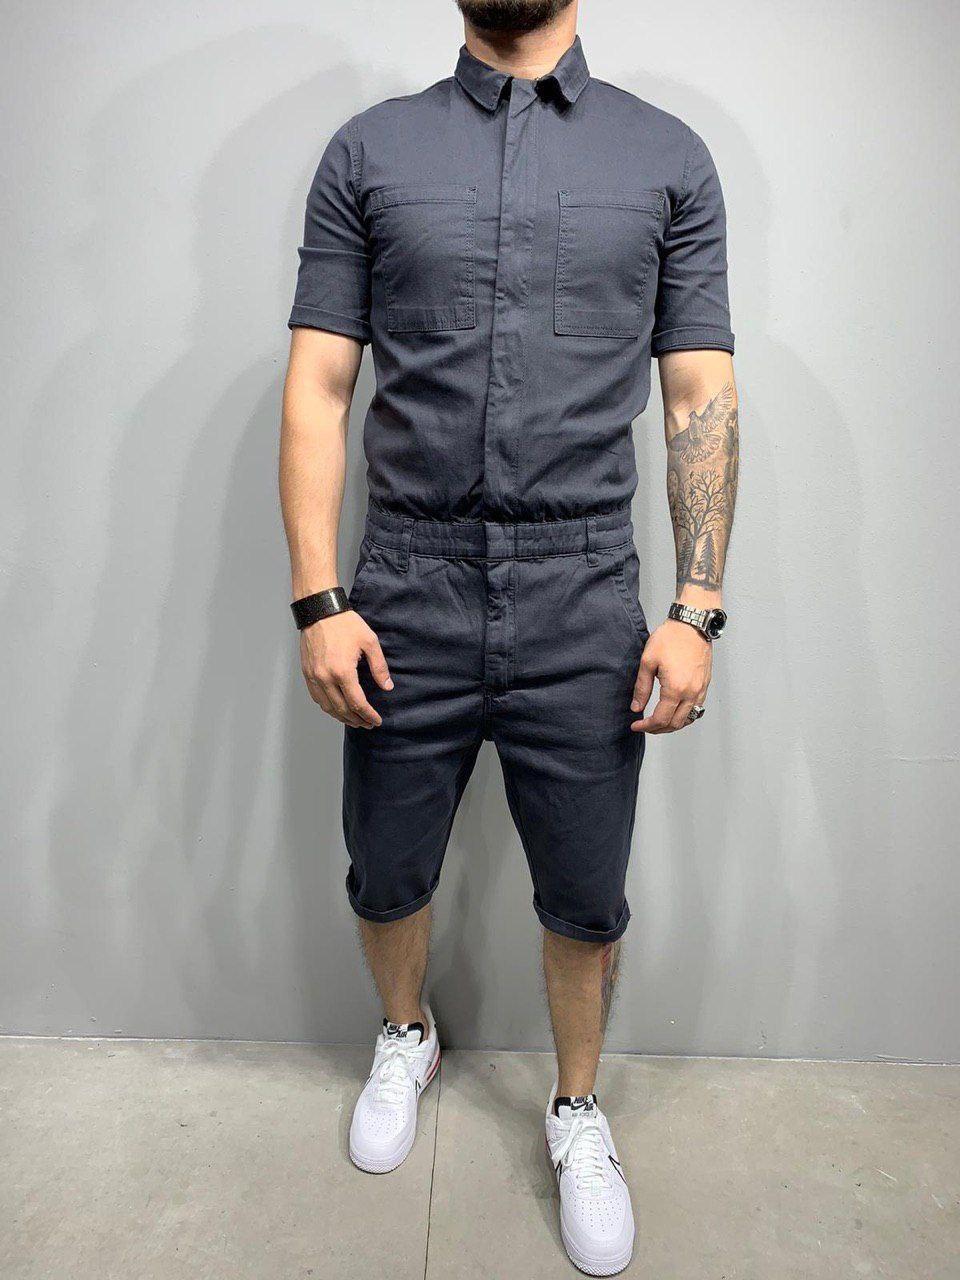 Комбинезон-шорты+рубашка мужской джинсовый серый